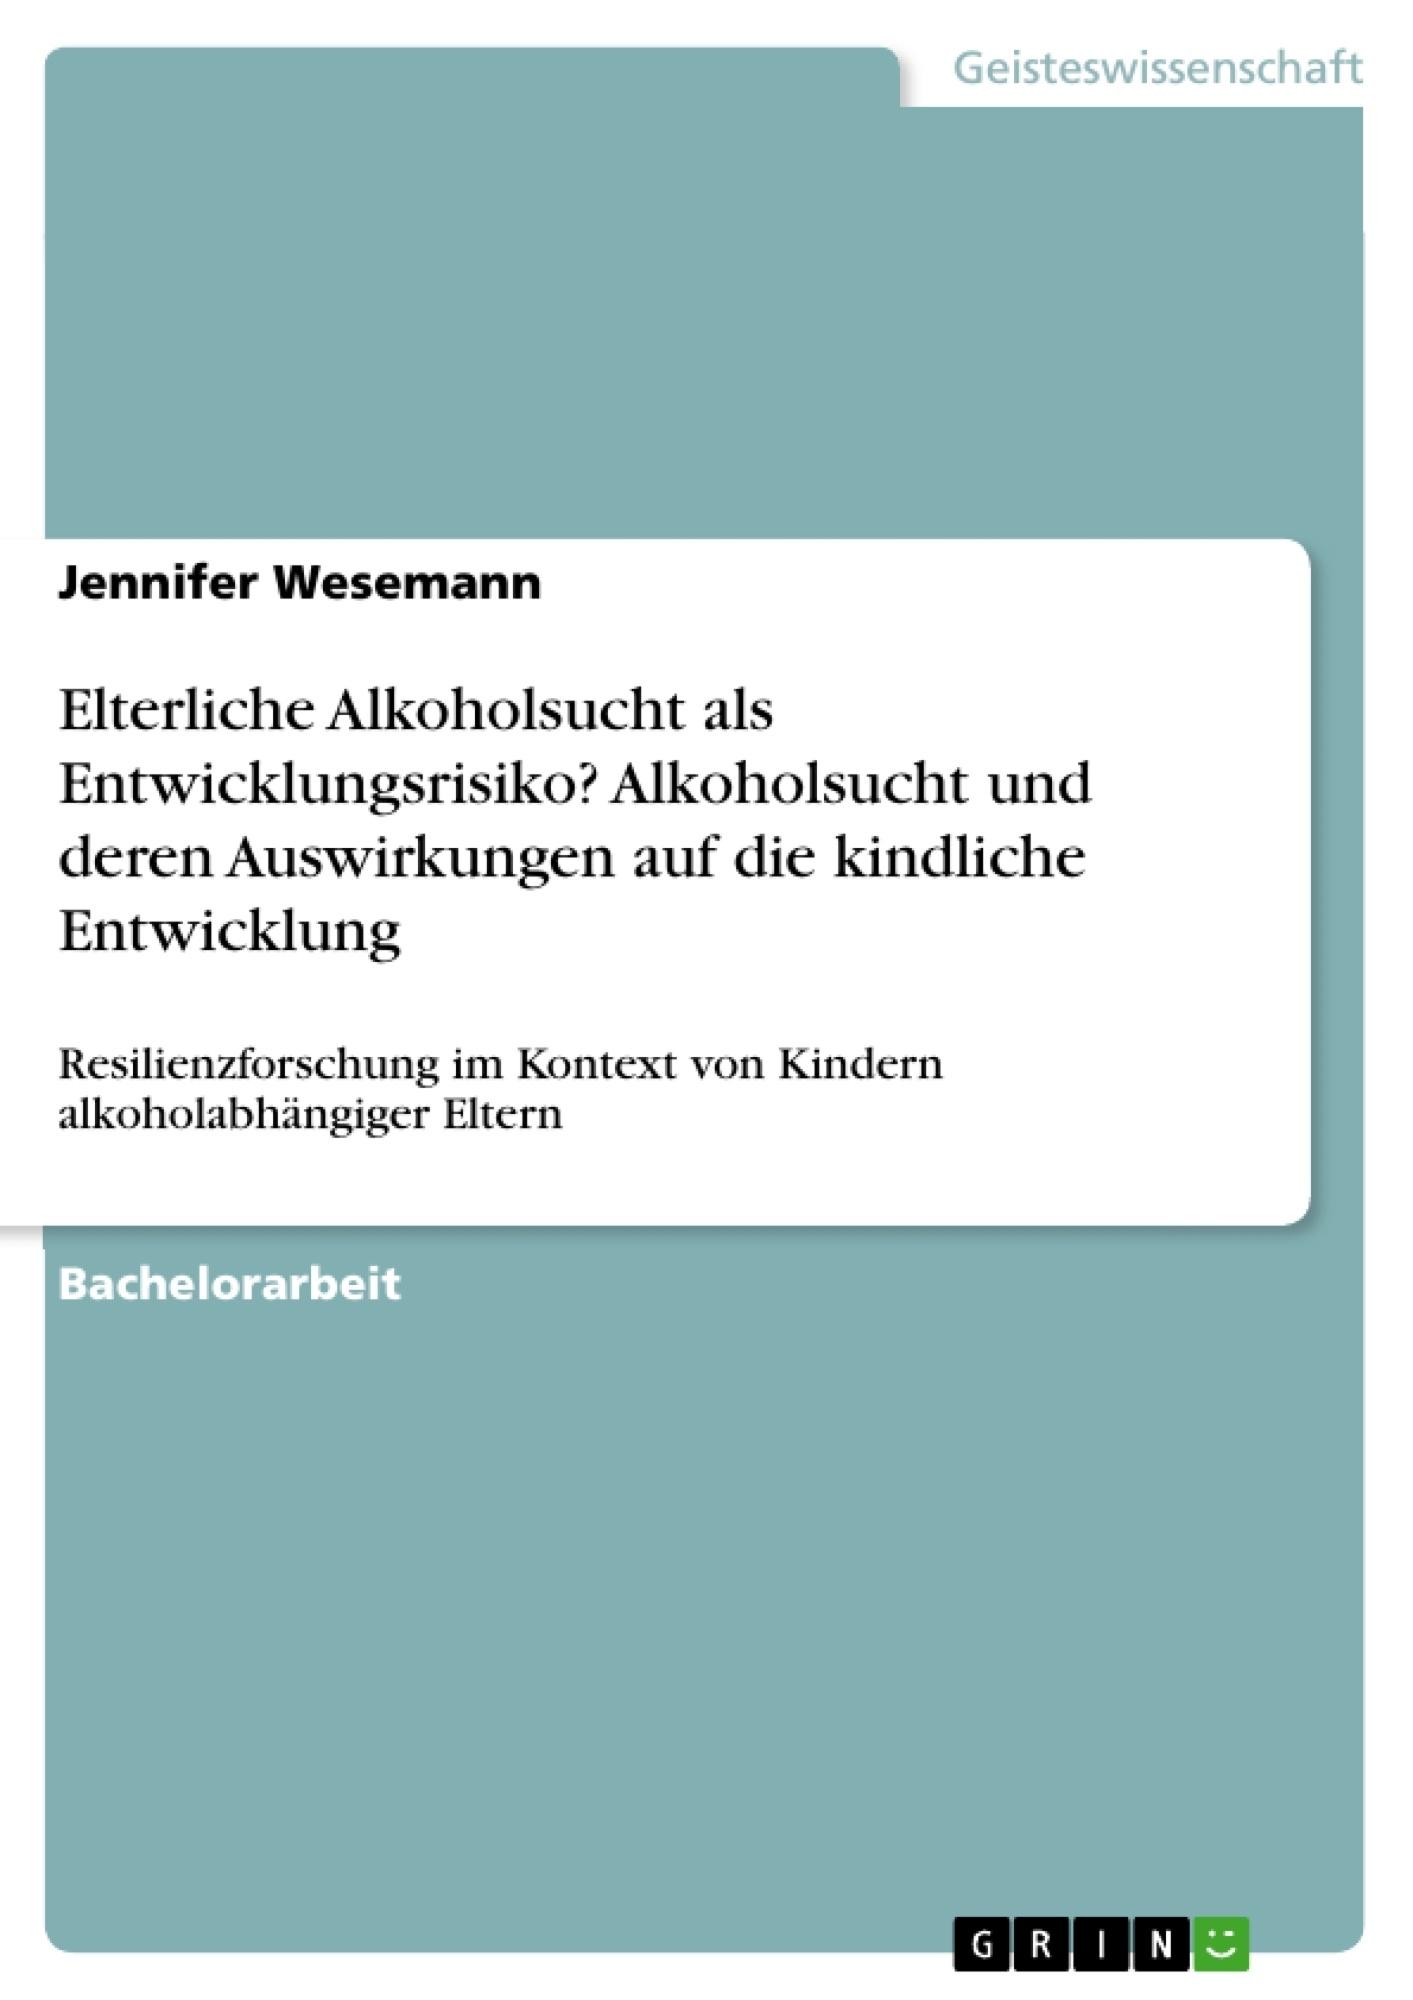 Titel: Elterliche Alkoholsucht als Entwicklungsrisiko? Alkoholsucht und deren Auswirkungen auf die kindliche Entwicklung